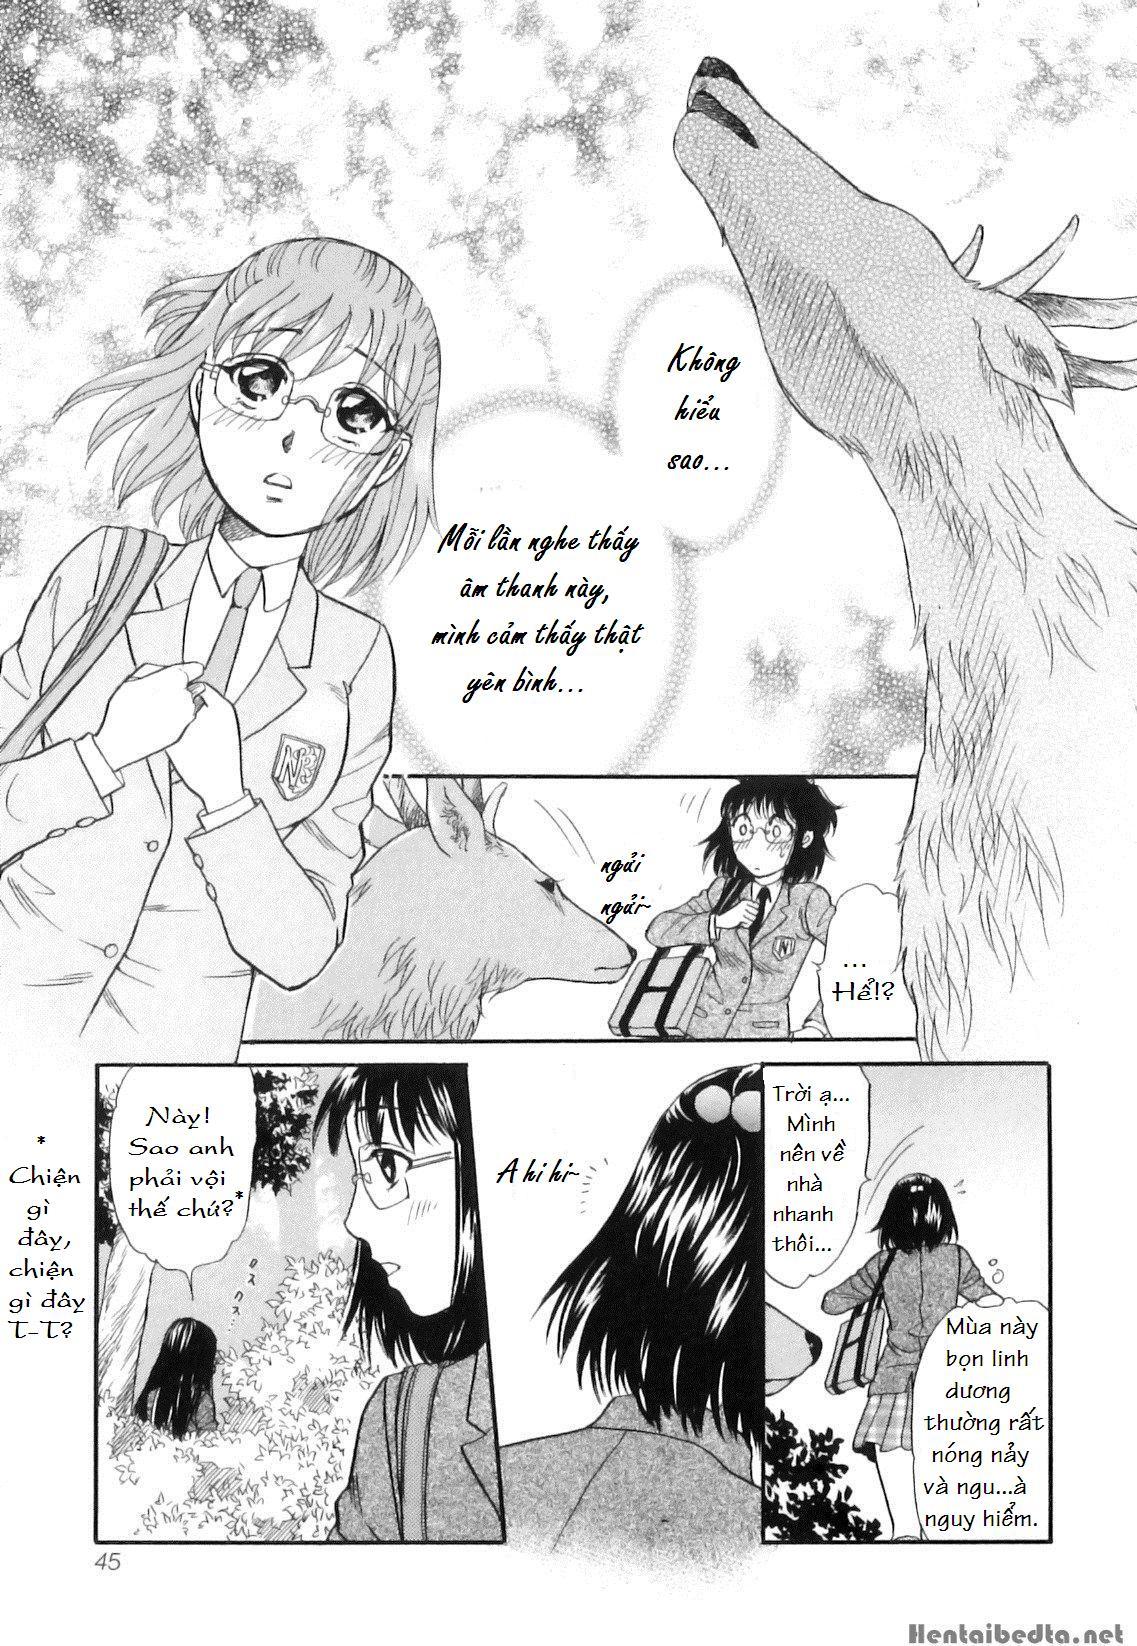 Hình ảnh  in Shoujo-tachi no Yukue ~Shishigami no Mori